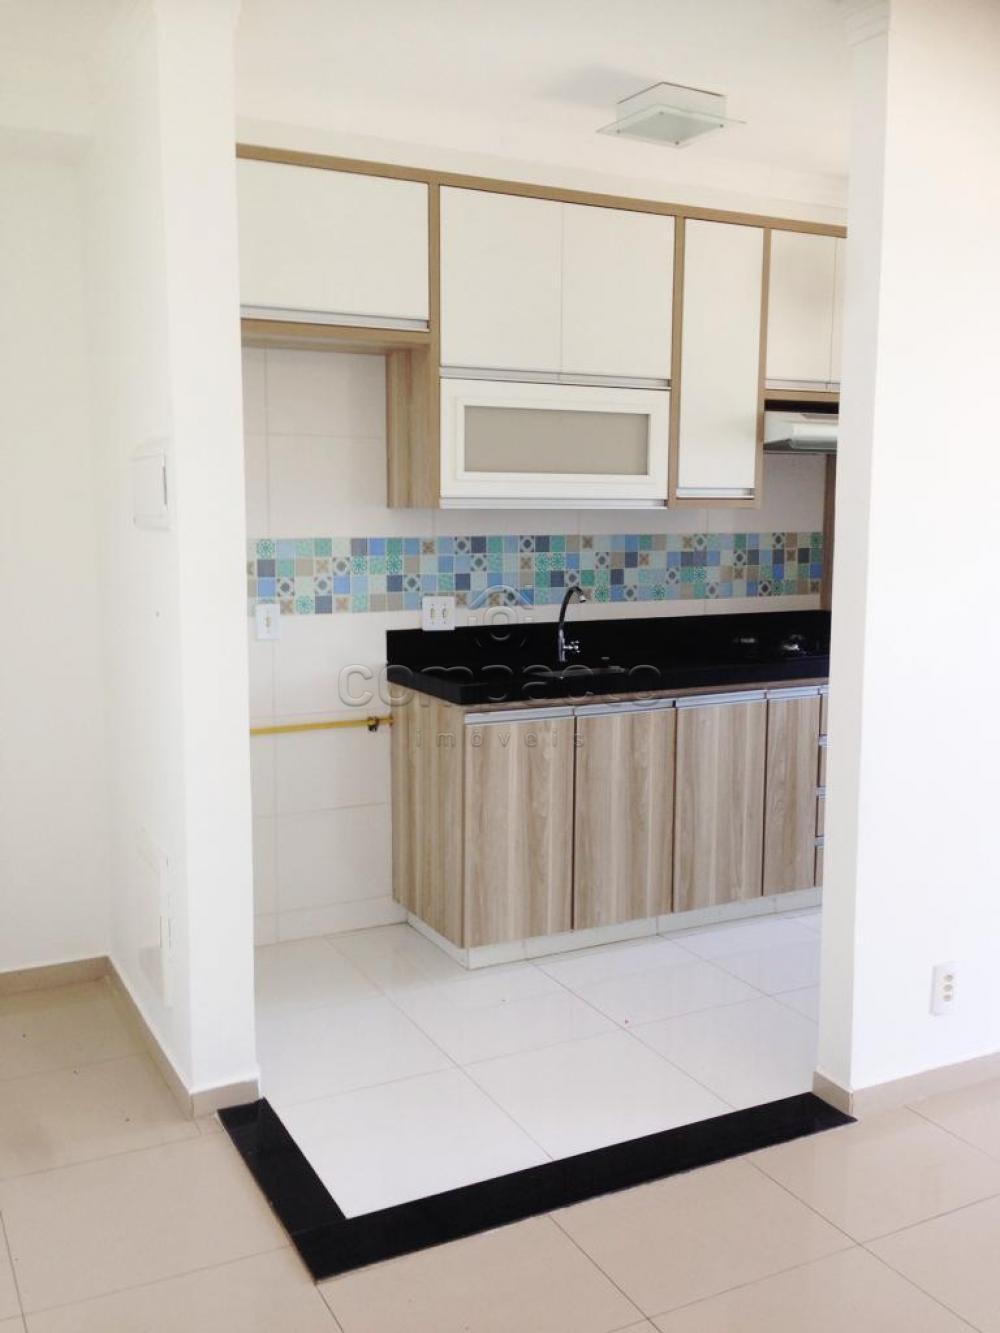 Comprar Apartamento / Padrão em São José do Rio Preto apenas R$ 240.000,00 - Foto 5